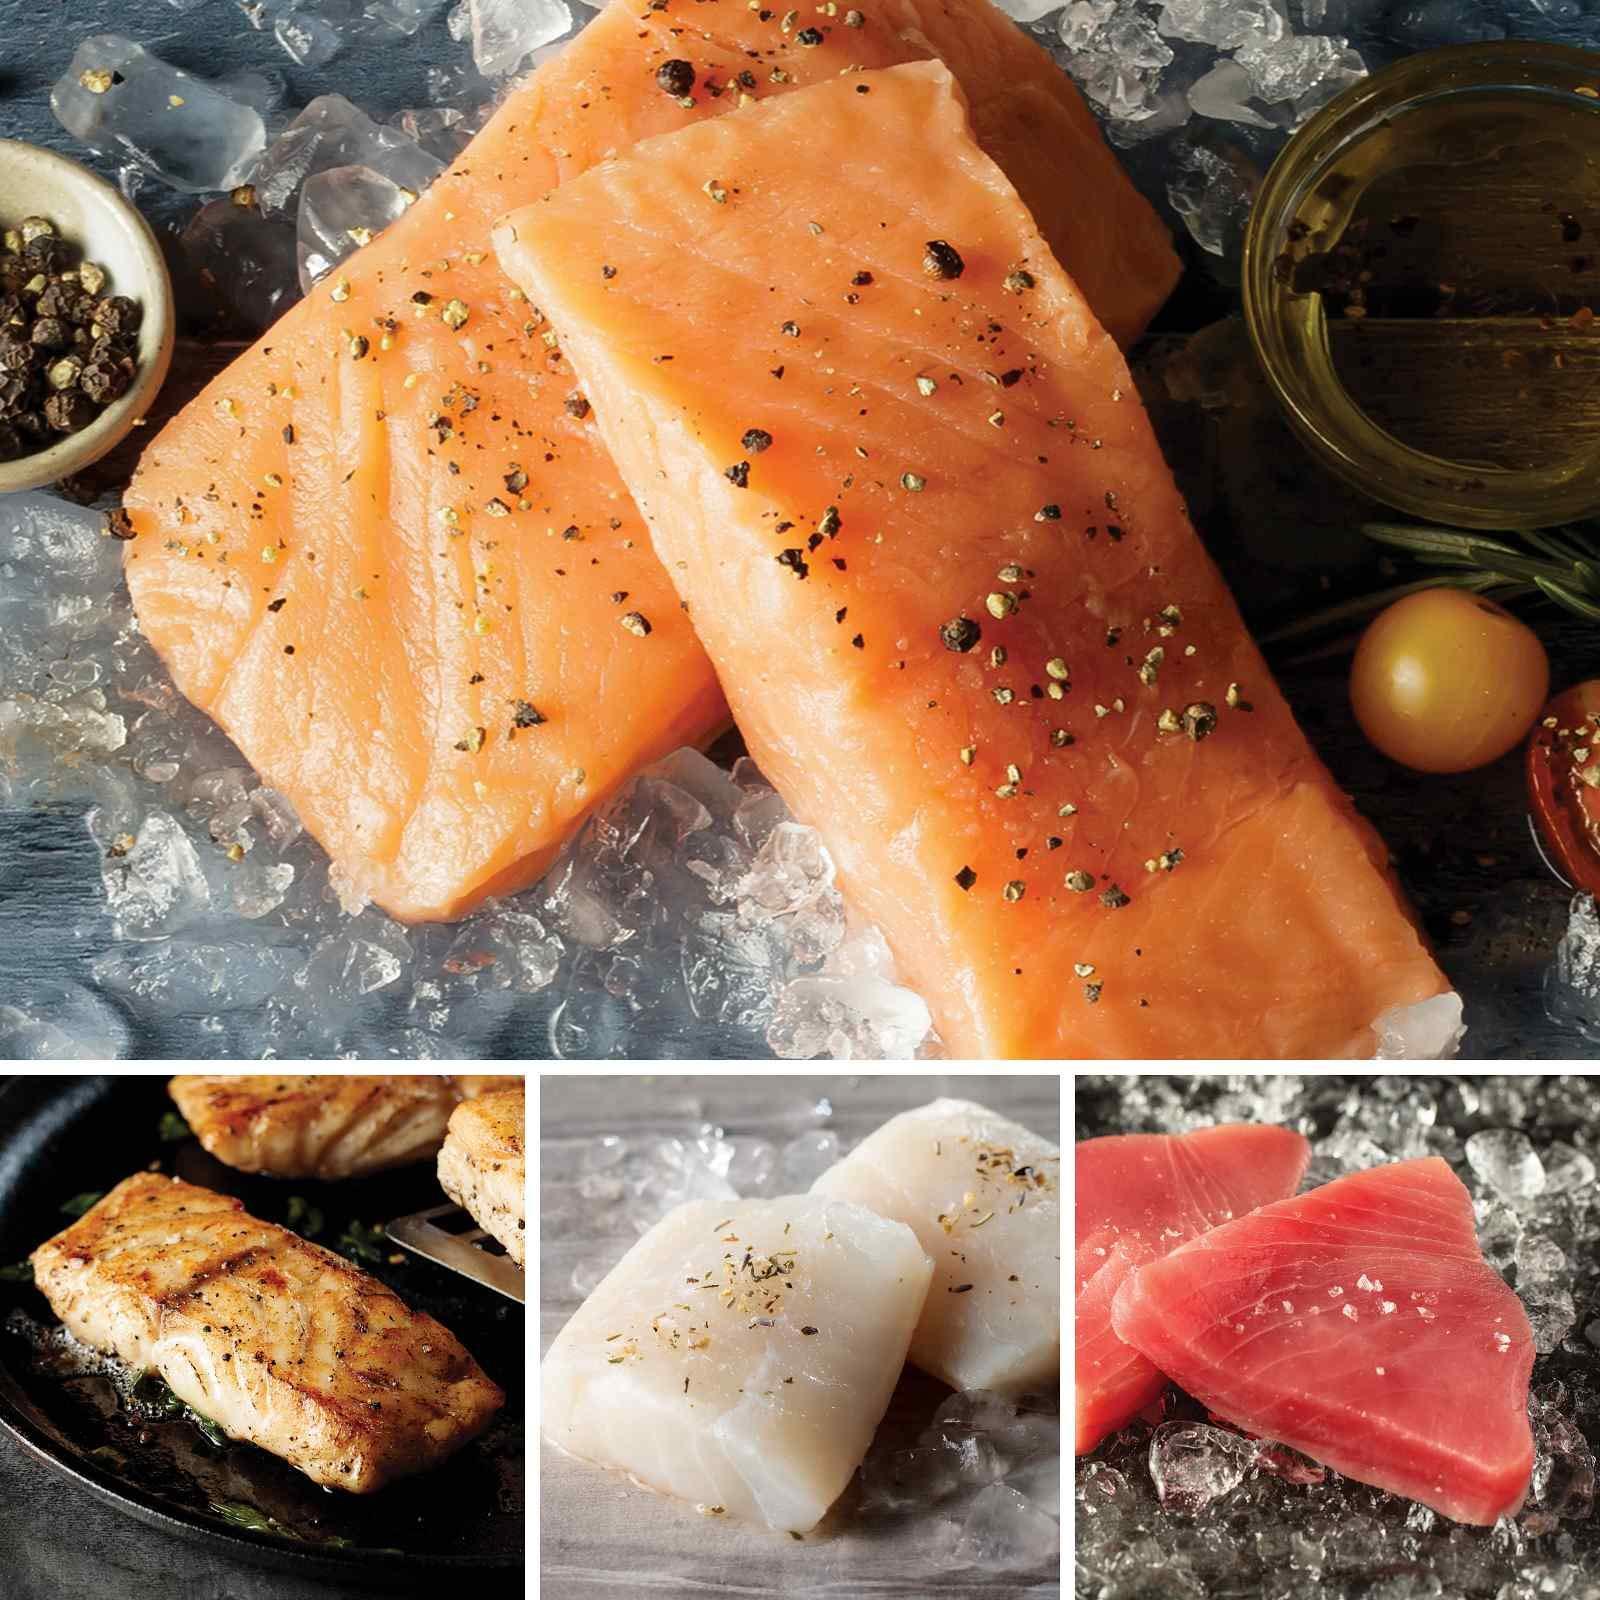 The Ocean's Bounty from Omaha Steaks (Faroe Islands Salmon Fillets, Wild Grouper Fillets, Icelandic Cod Fillets, and Yellowfin Tuna Steaks)